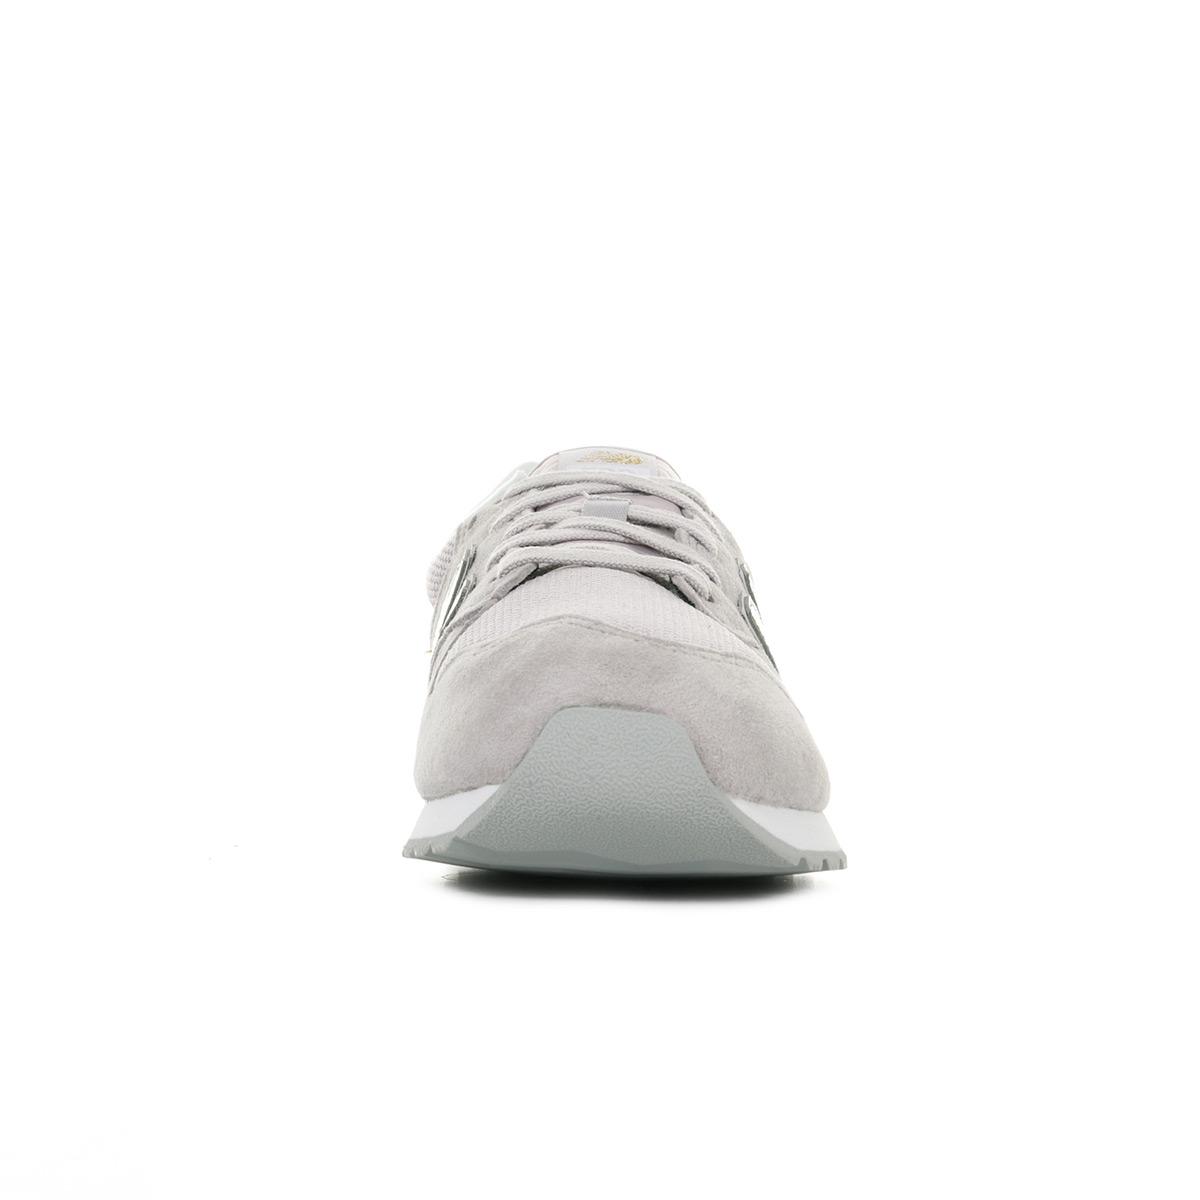 Détails sur Chaussures Baskets New Balance femme 520 GDC taille Violet Violette Suède